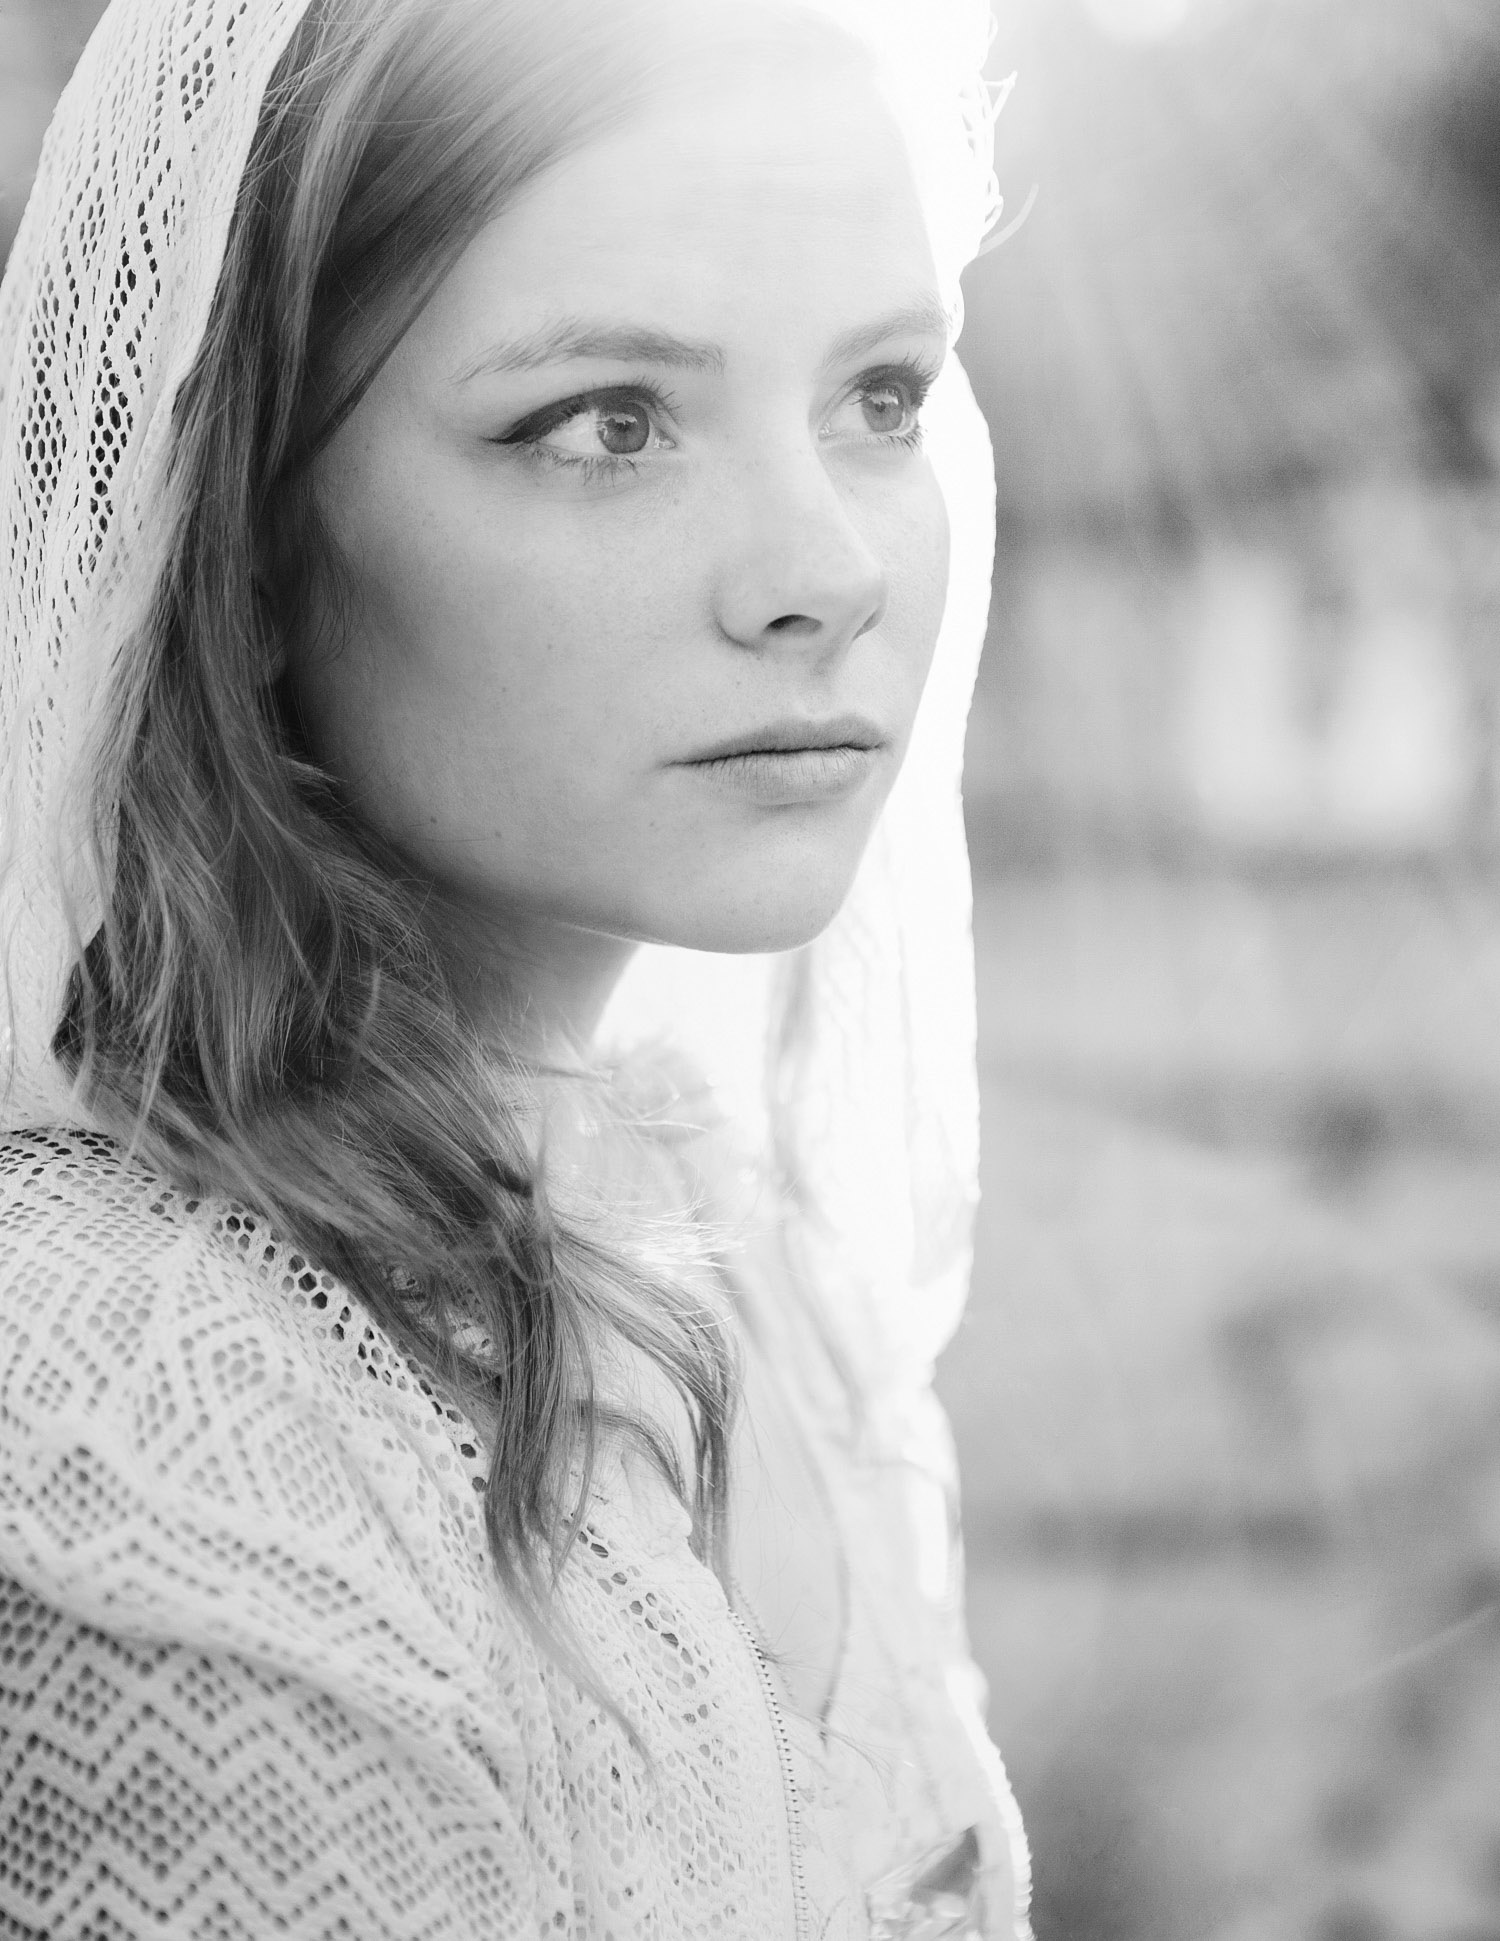 Portrait by Adam DeTour